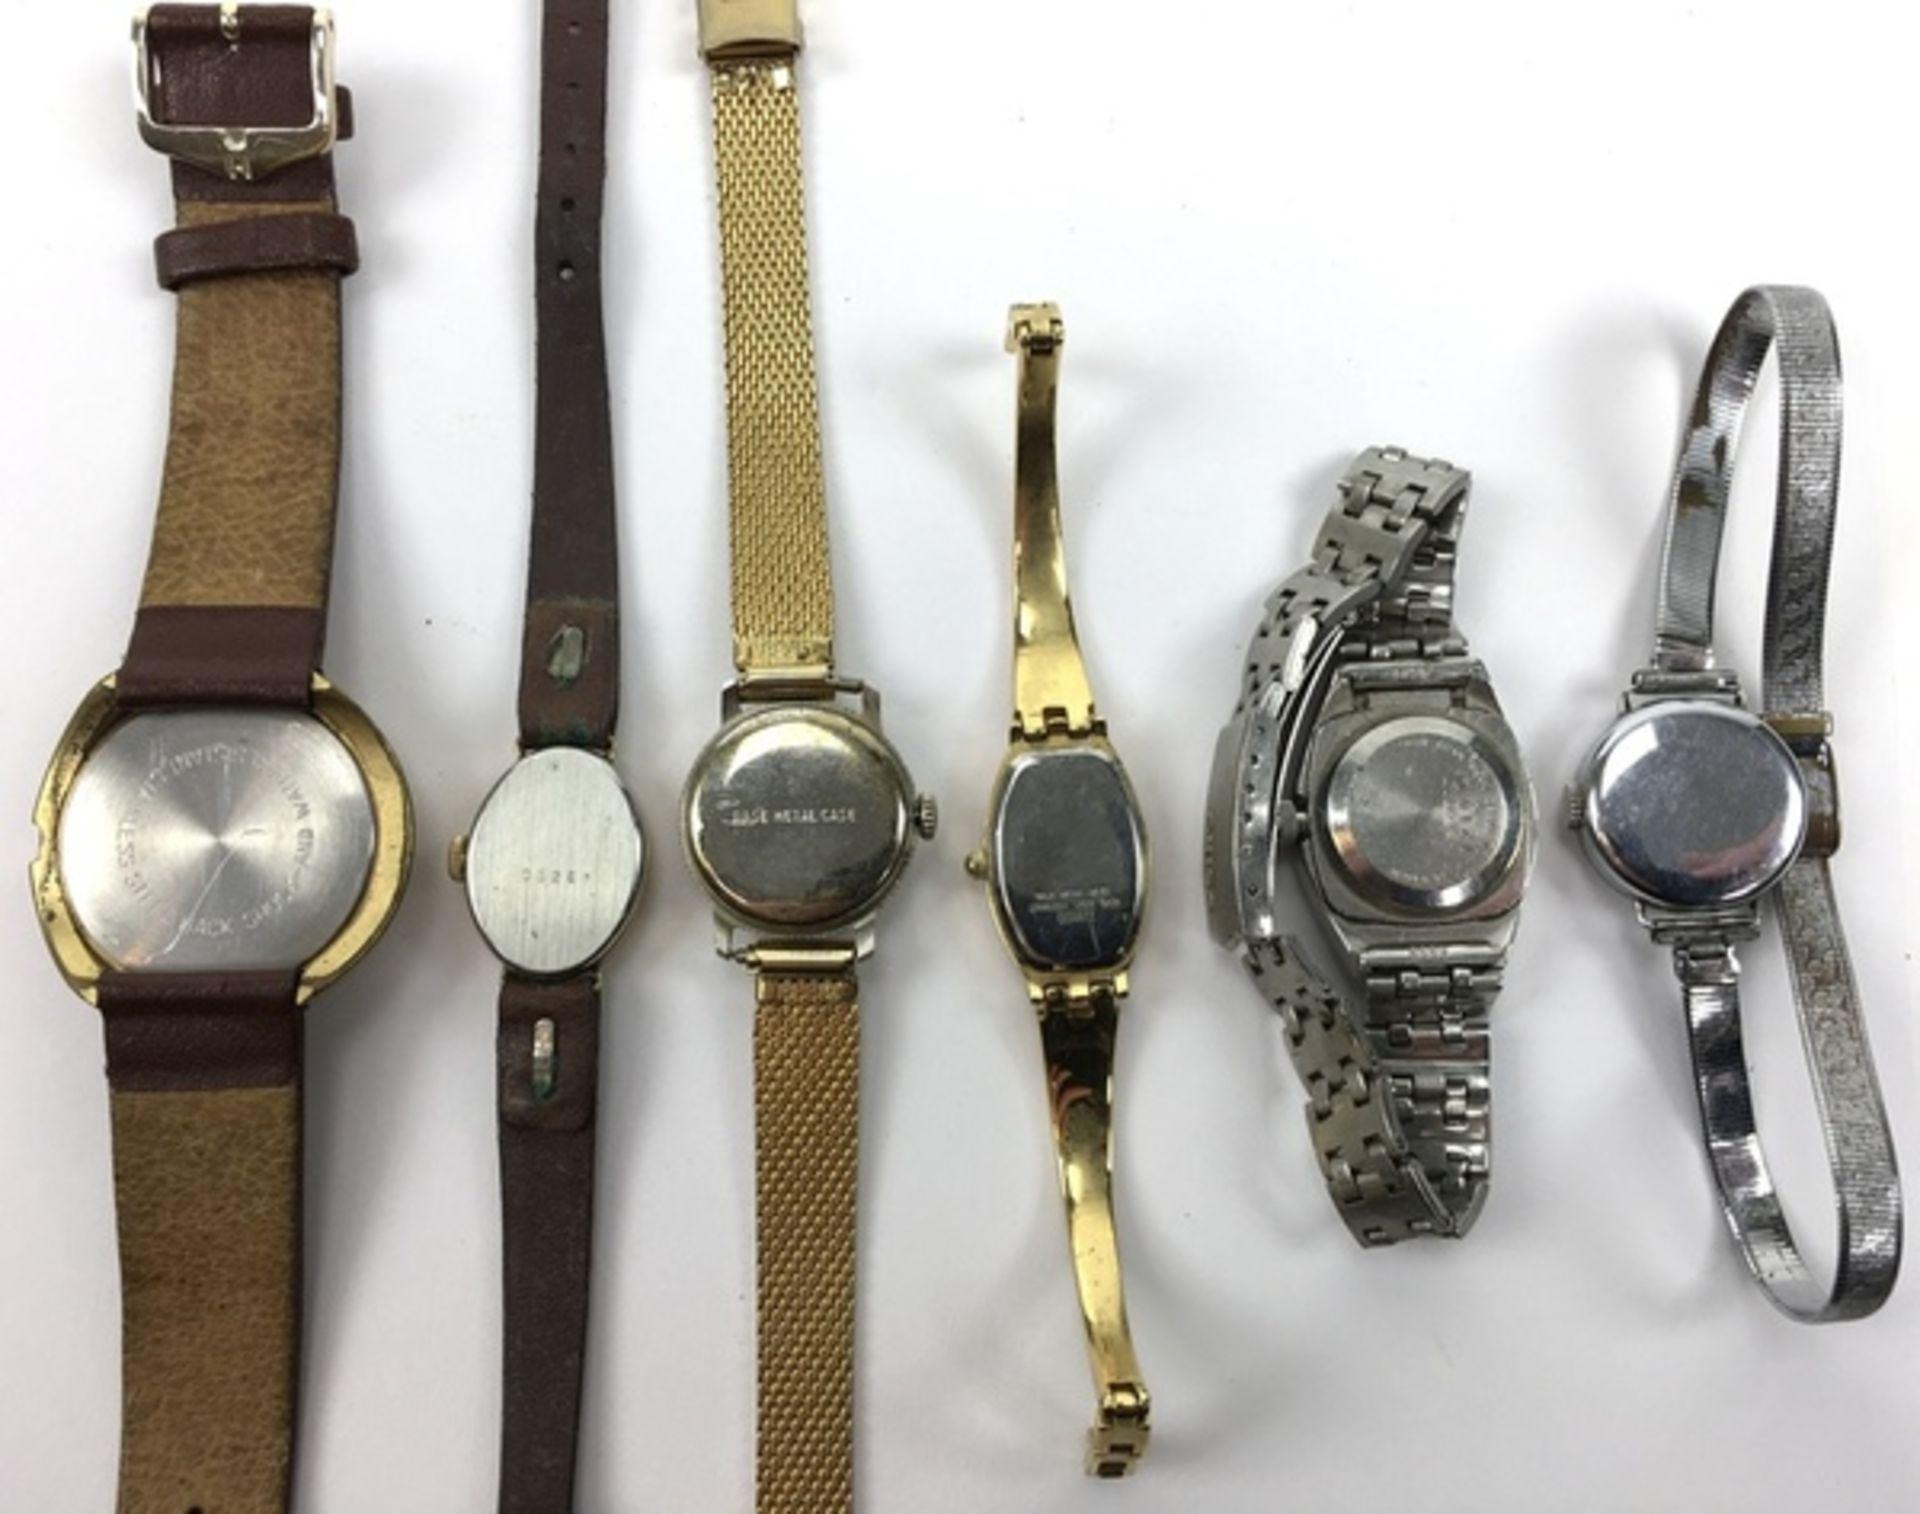 (Sieraden) HorlogesZes verschillende merken horloges, waaronder een Junghans. Conditie: Gebruik - Image 3 of 3